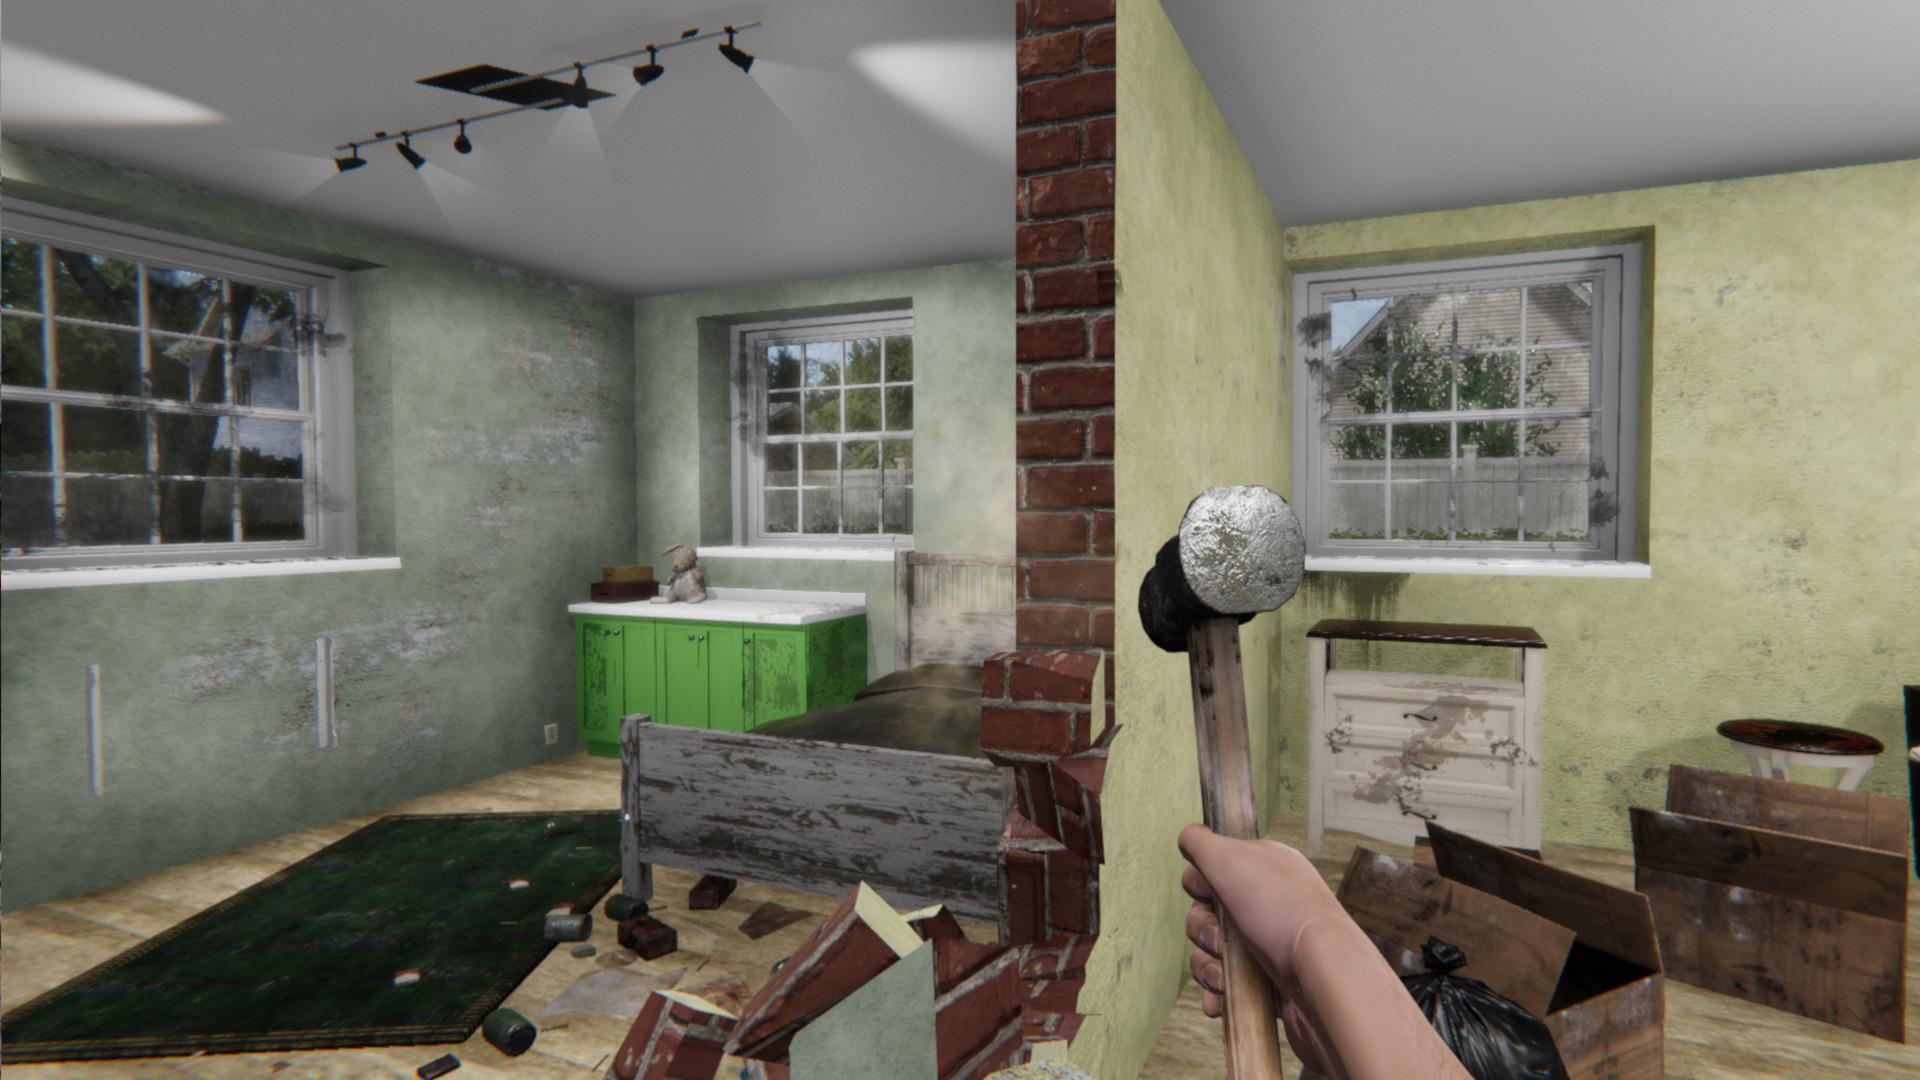 炒房者的游戏! 《房产达人》首日登陆Steam全球畅销第二名